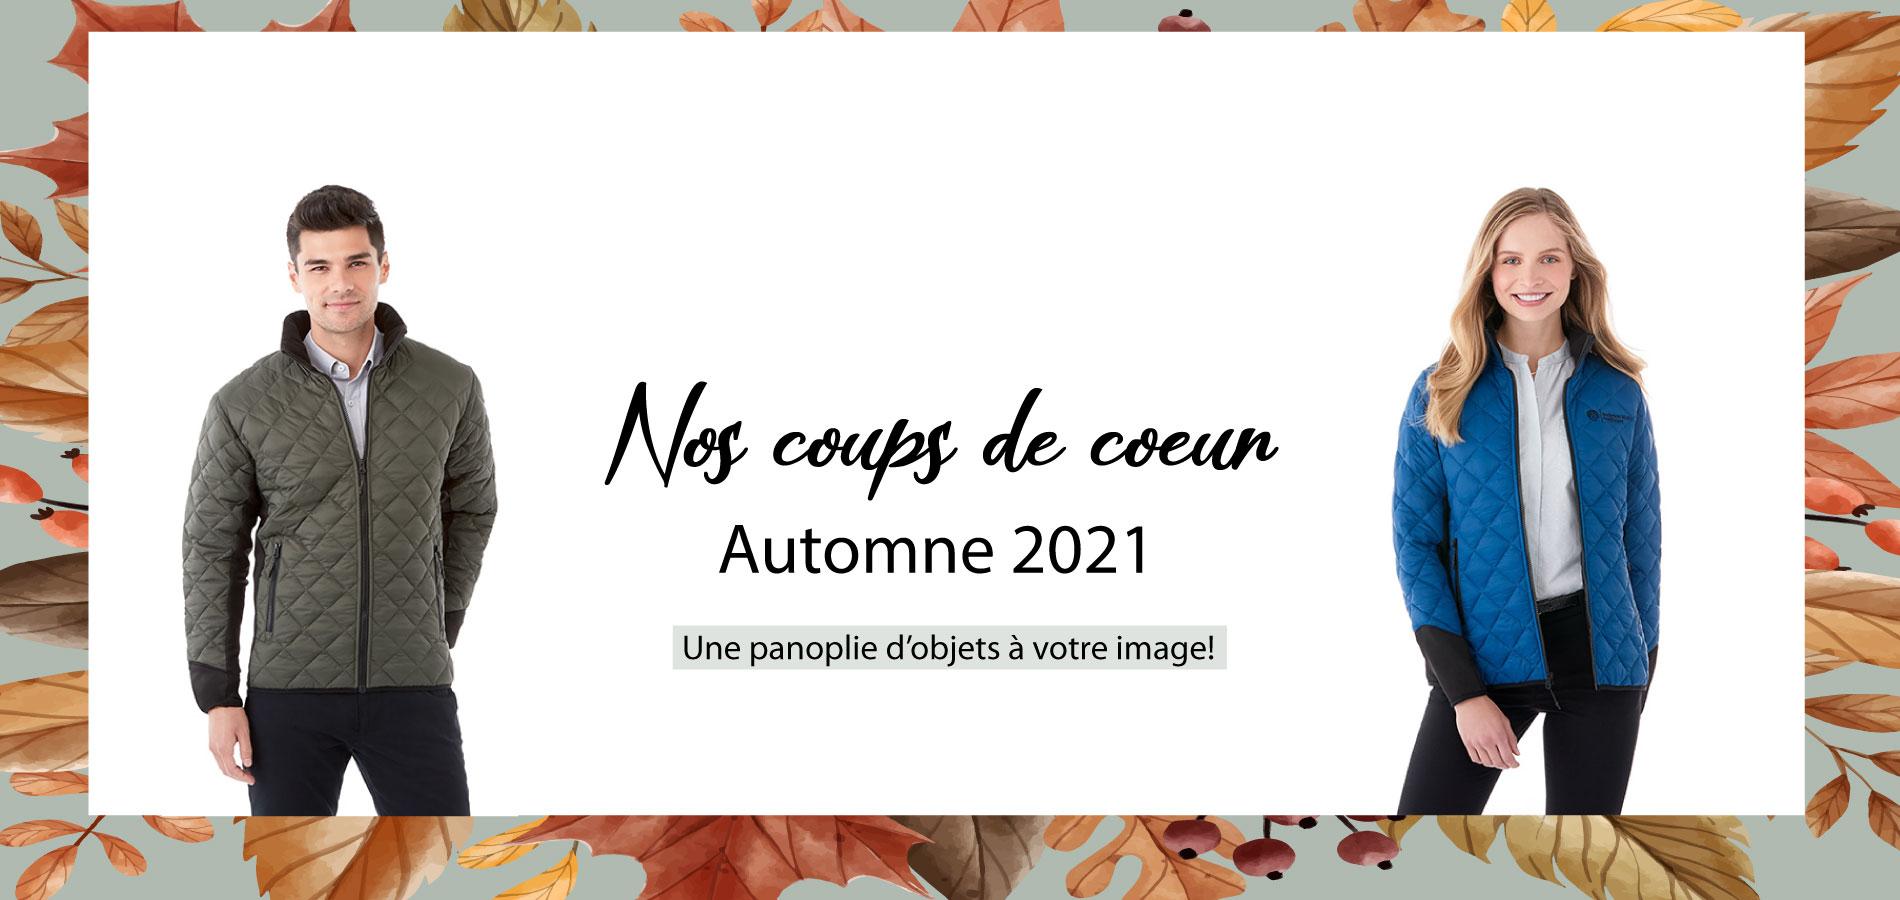 Coup de coeur Automne 2021